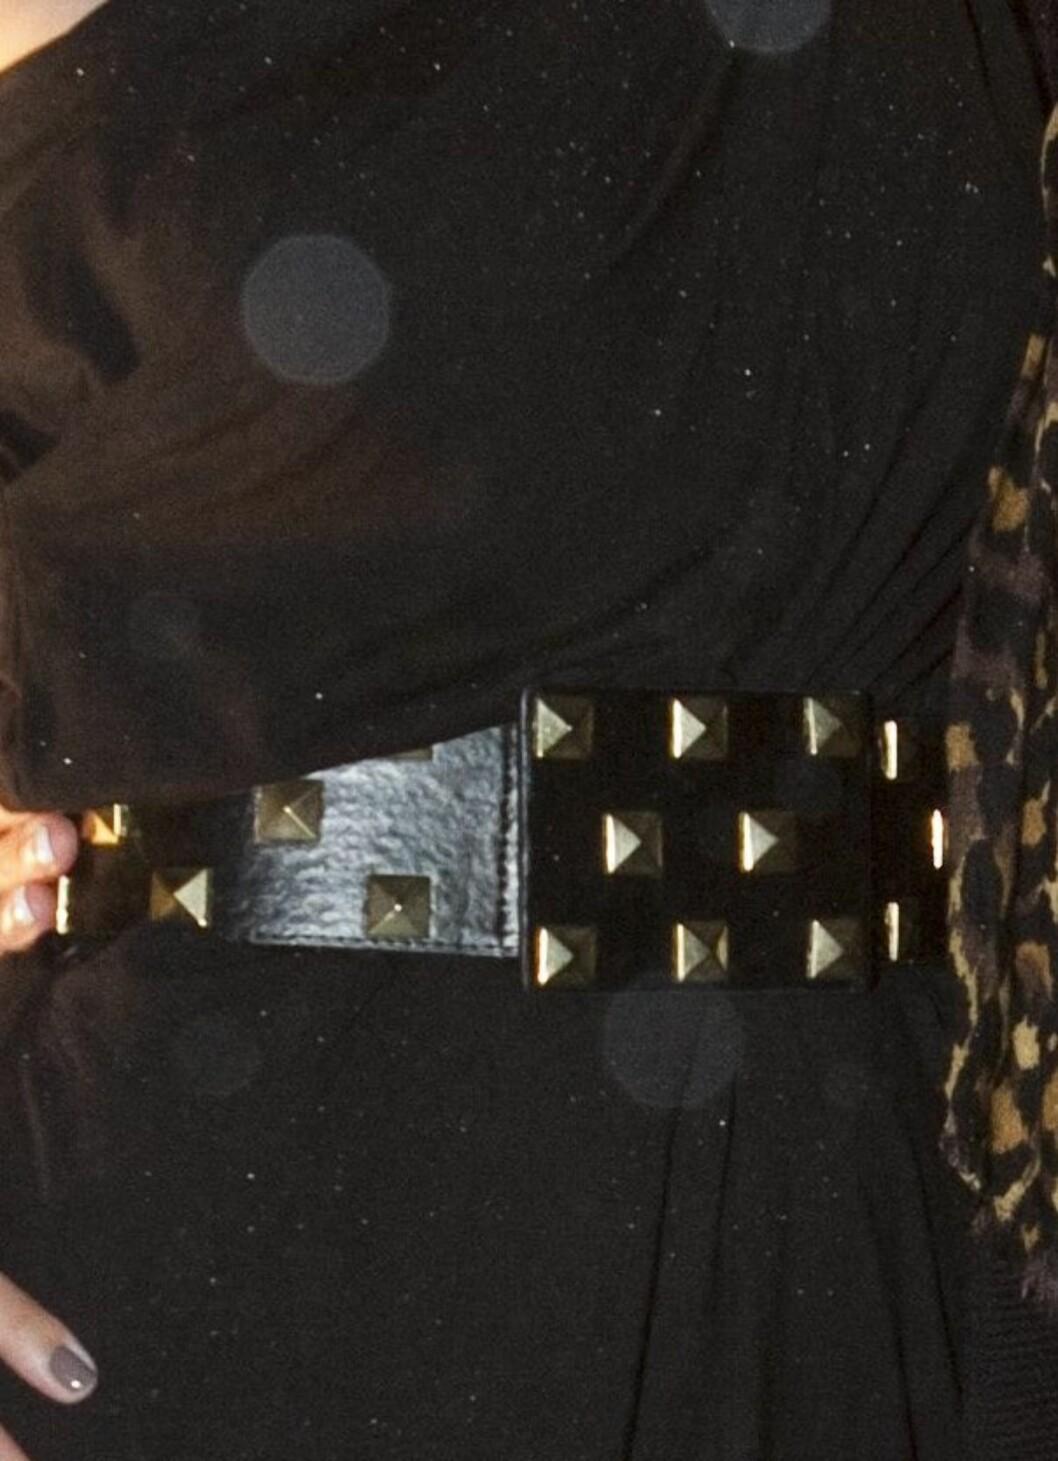 Anne Rimmen sammen med venninnne på visningen til Daniel Franck. Her i asymmetrisk svart kjole. Et bredt skinnbelte med nagler i midjen gjør antrekket mer rocka.  Foto: Per Ervland